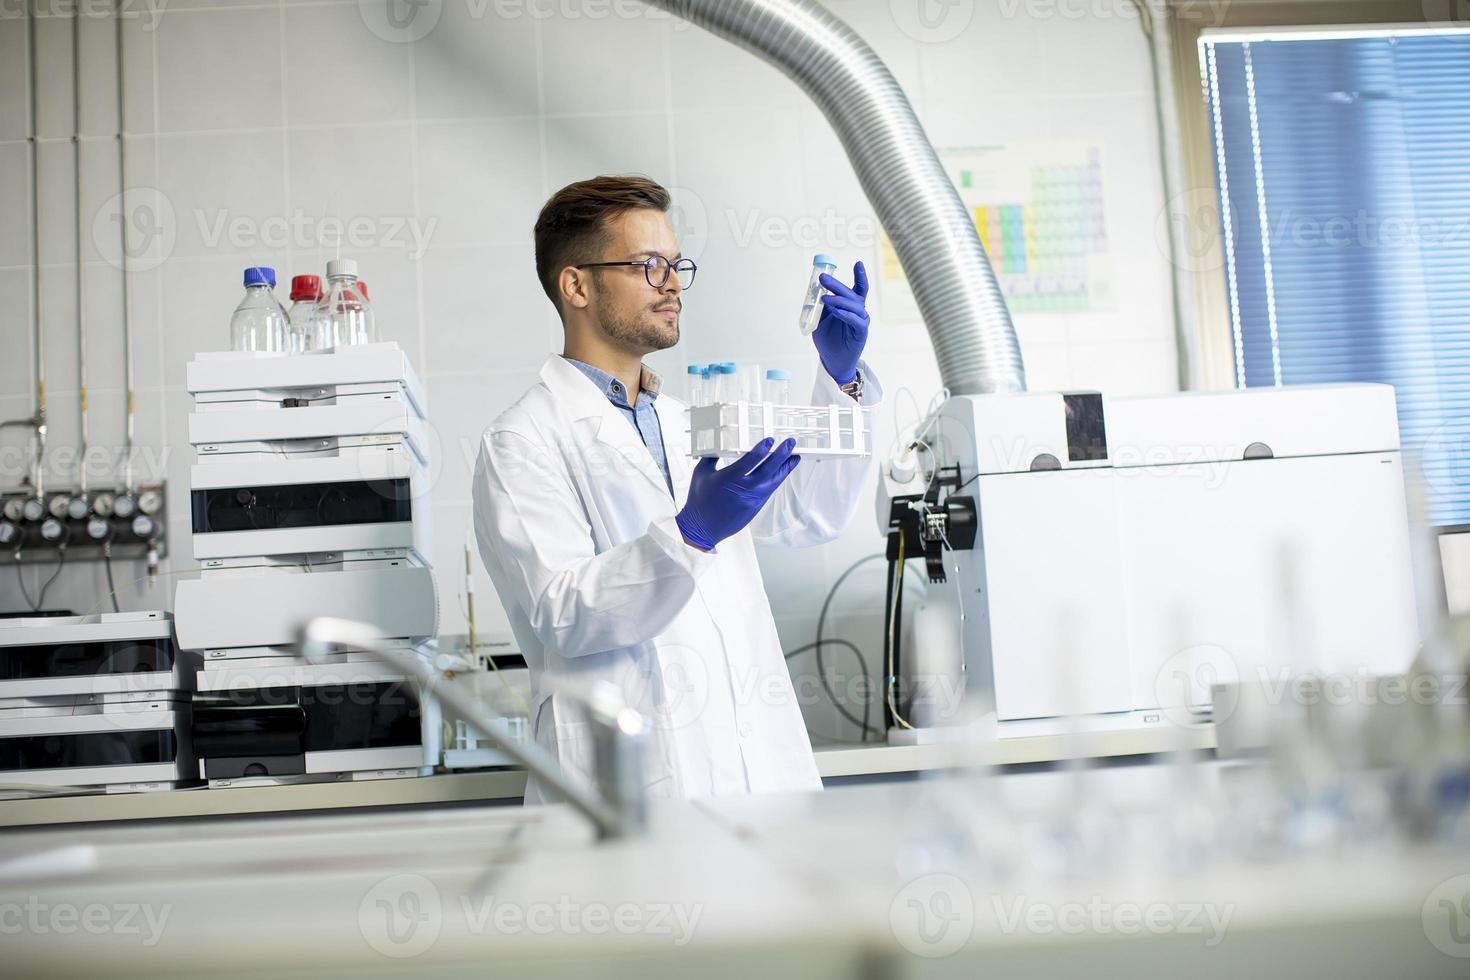 ung forskare som arbetar med kemiska prover i laboratorium med hplc-system och kromatografiutrustning foto